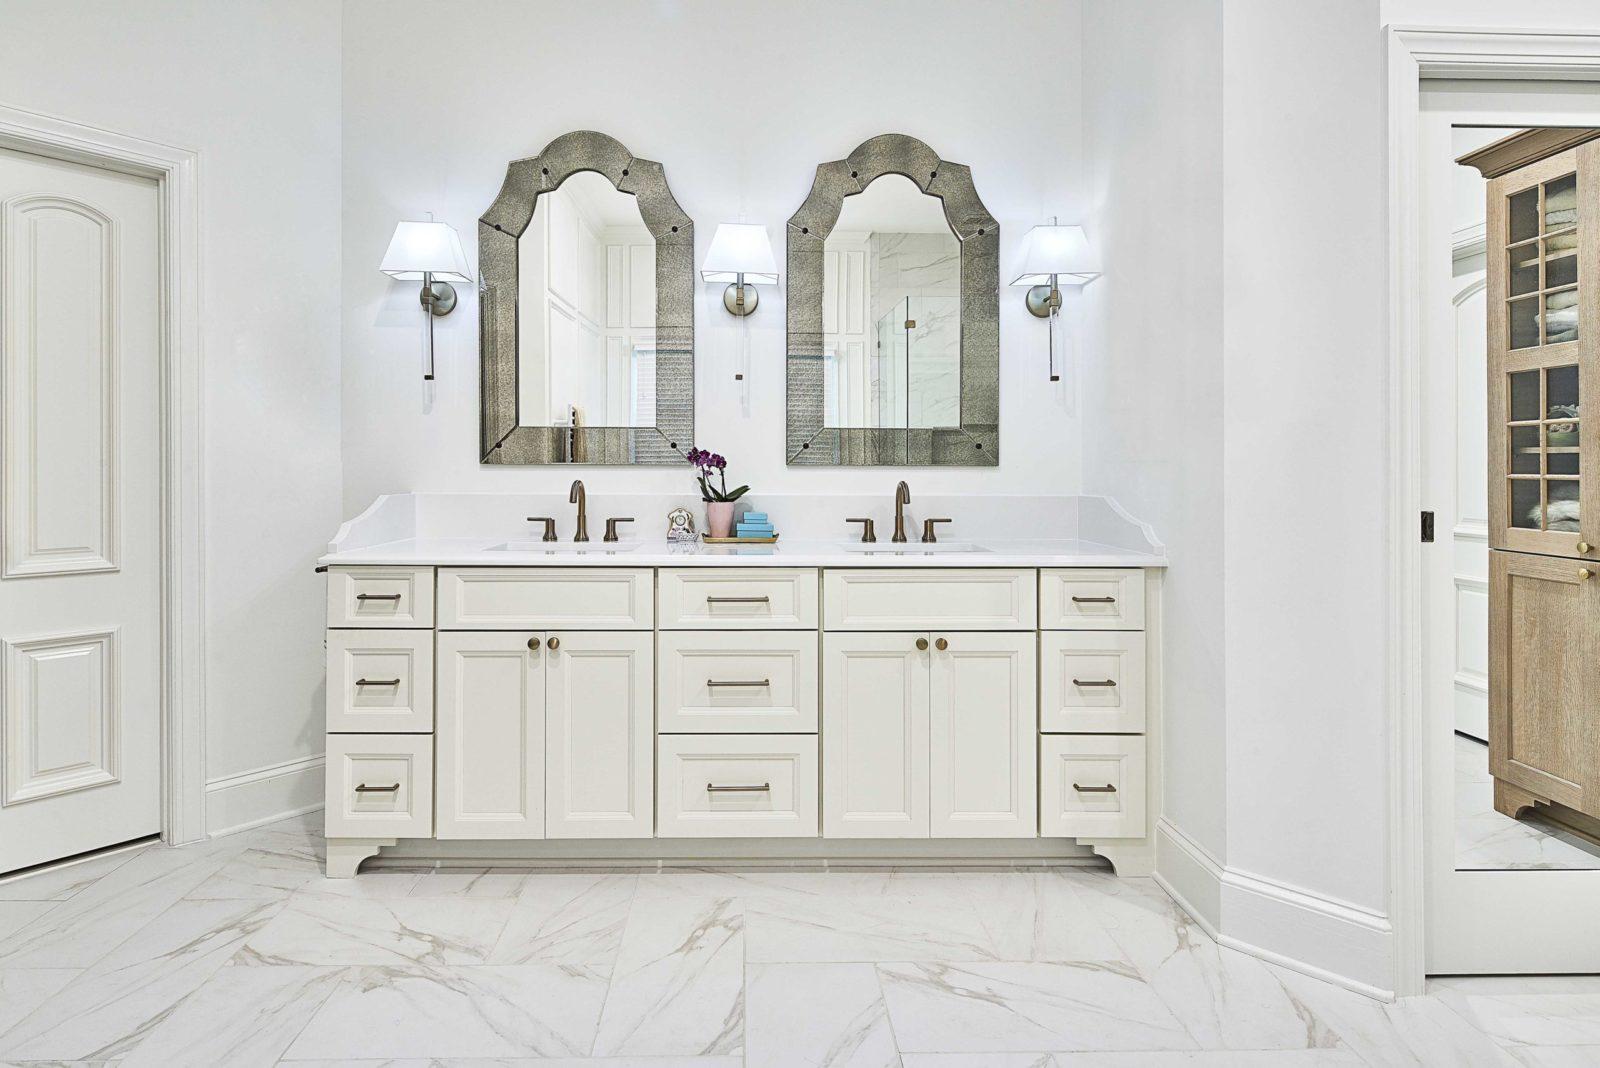 bathroom-remodel-revision-design-traditional-bathroom-vanity-ideas